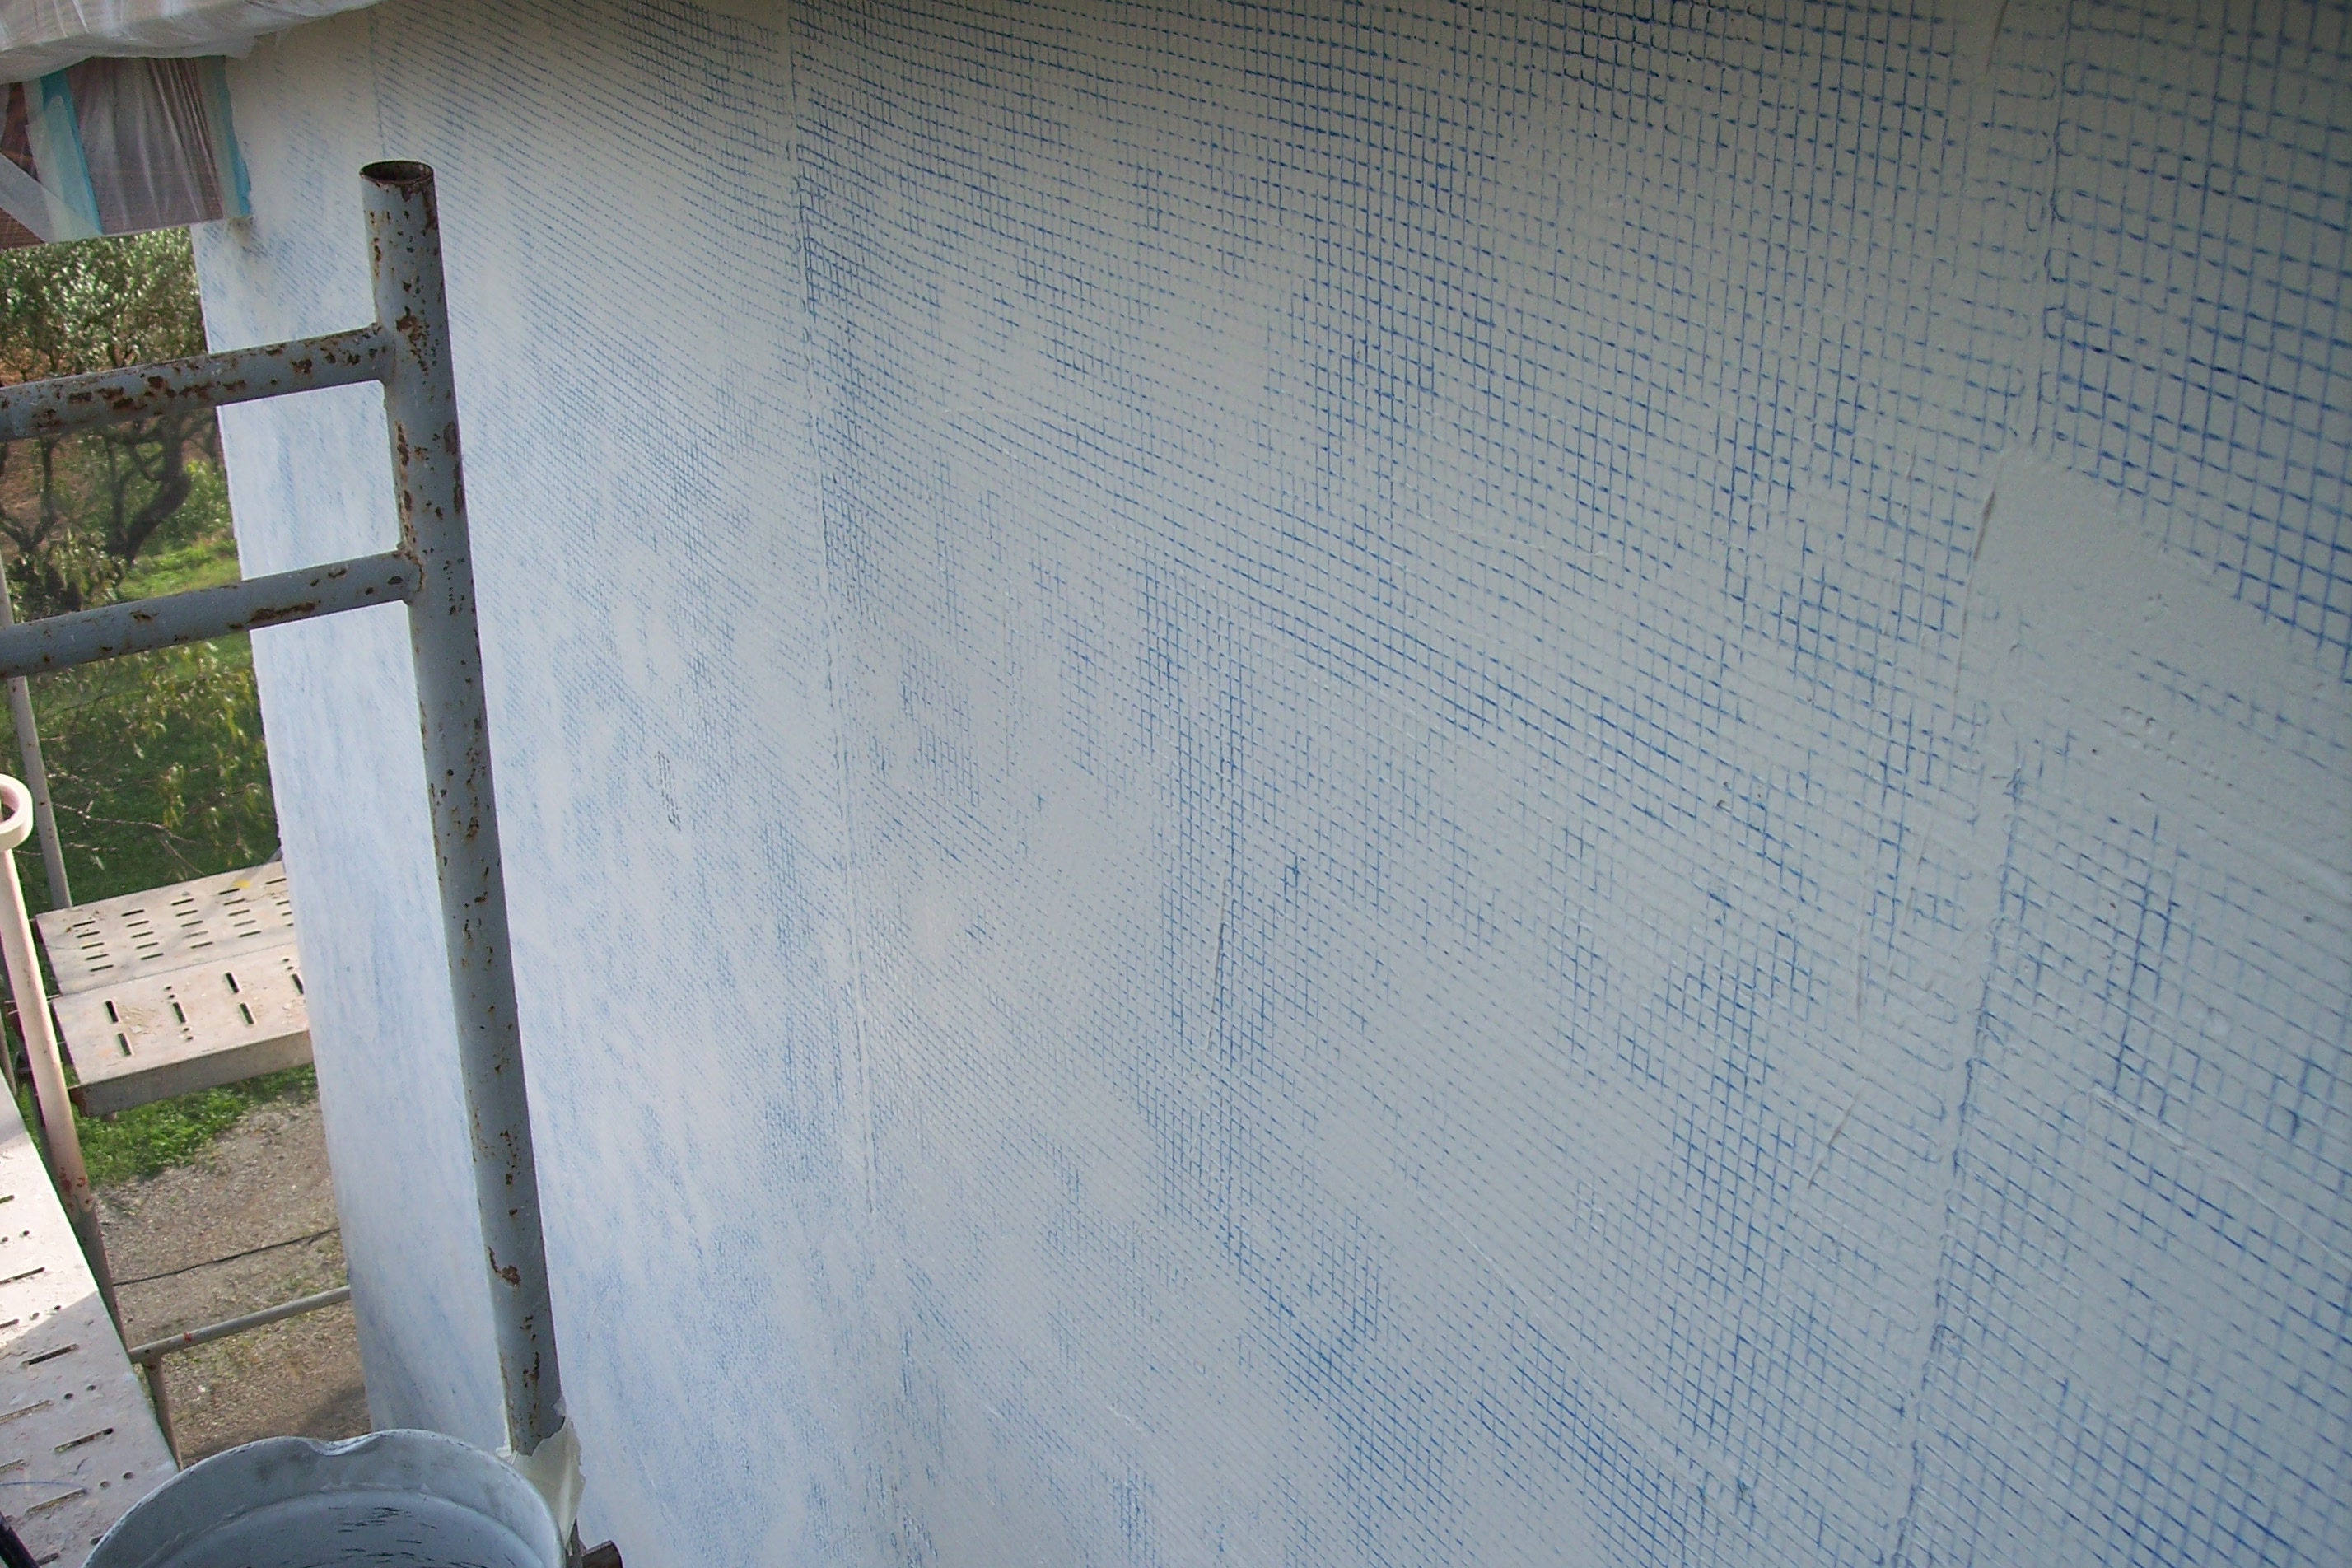 proteje tu fachada con malla antigrietas y luce la mejor fachada siempre como el primer dia